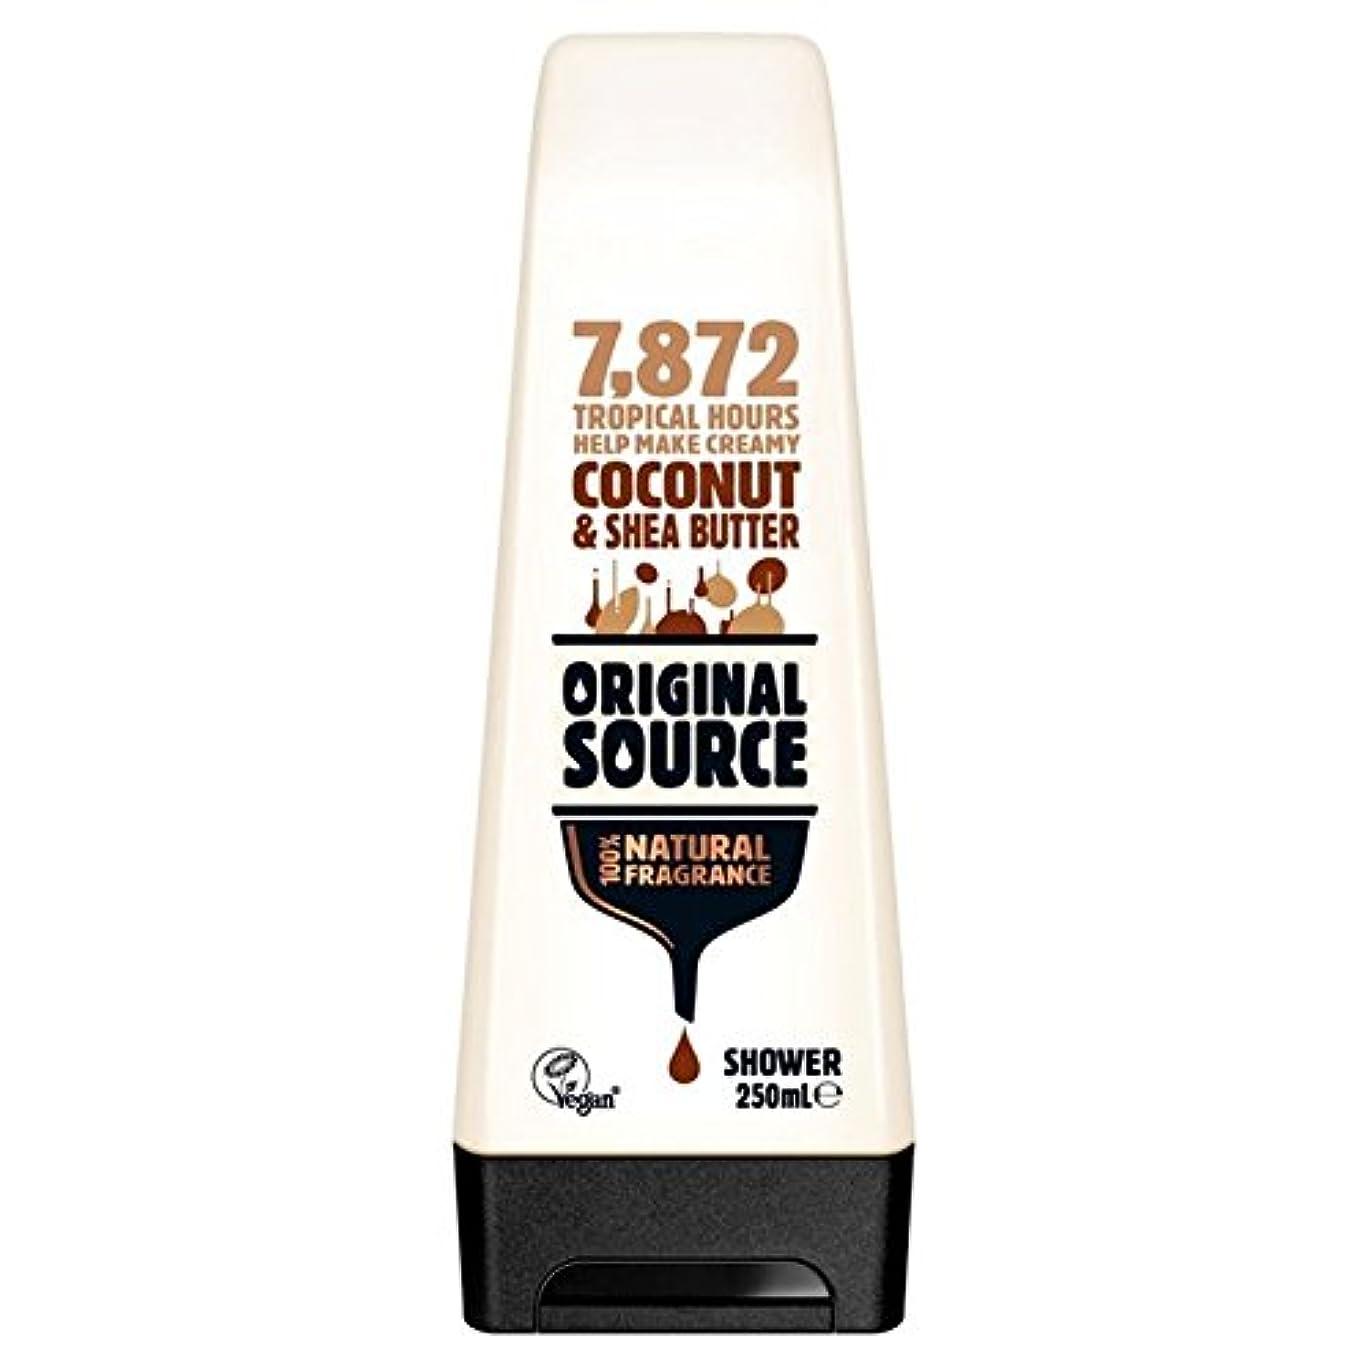 変更可能マントルの中で元のソース保湿ココナッツ&シアバターシャワージェル250ミリリットル x4 - Original Source Moisturising Coconut & Shea Butter Shower Gel 250ml (Pack...